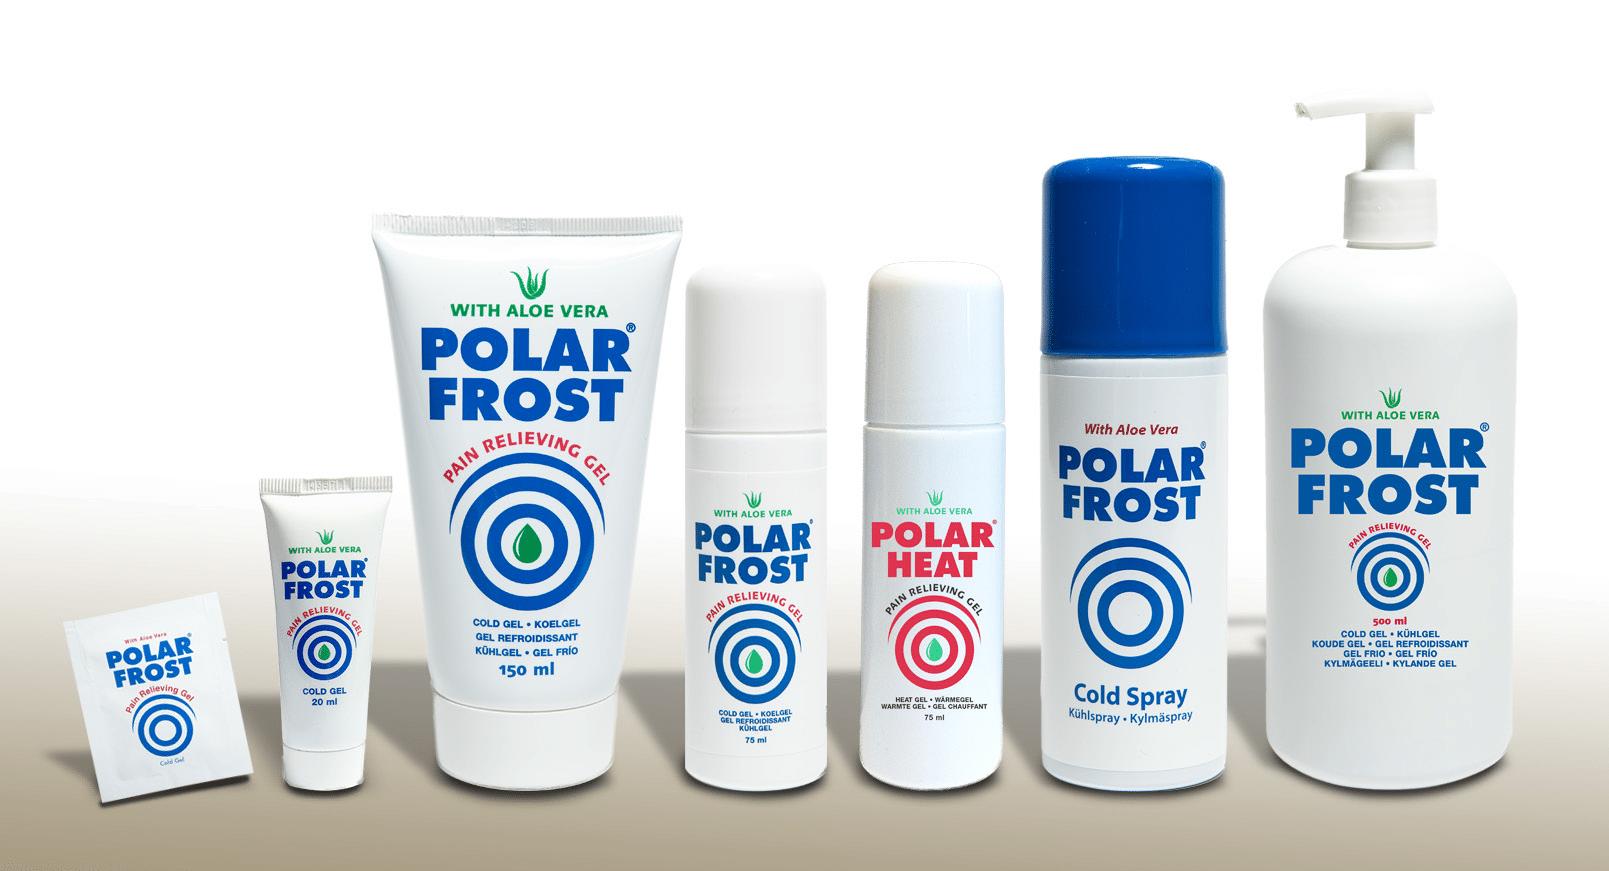 polar_frost A4_DK-8